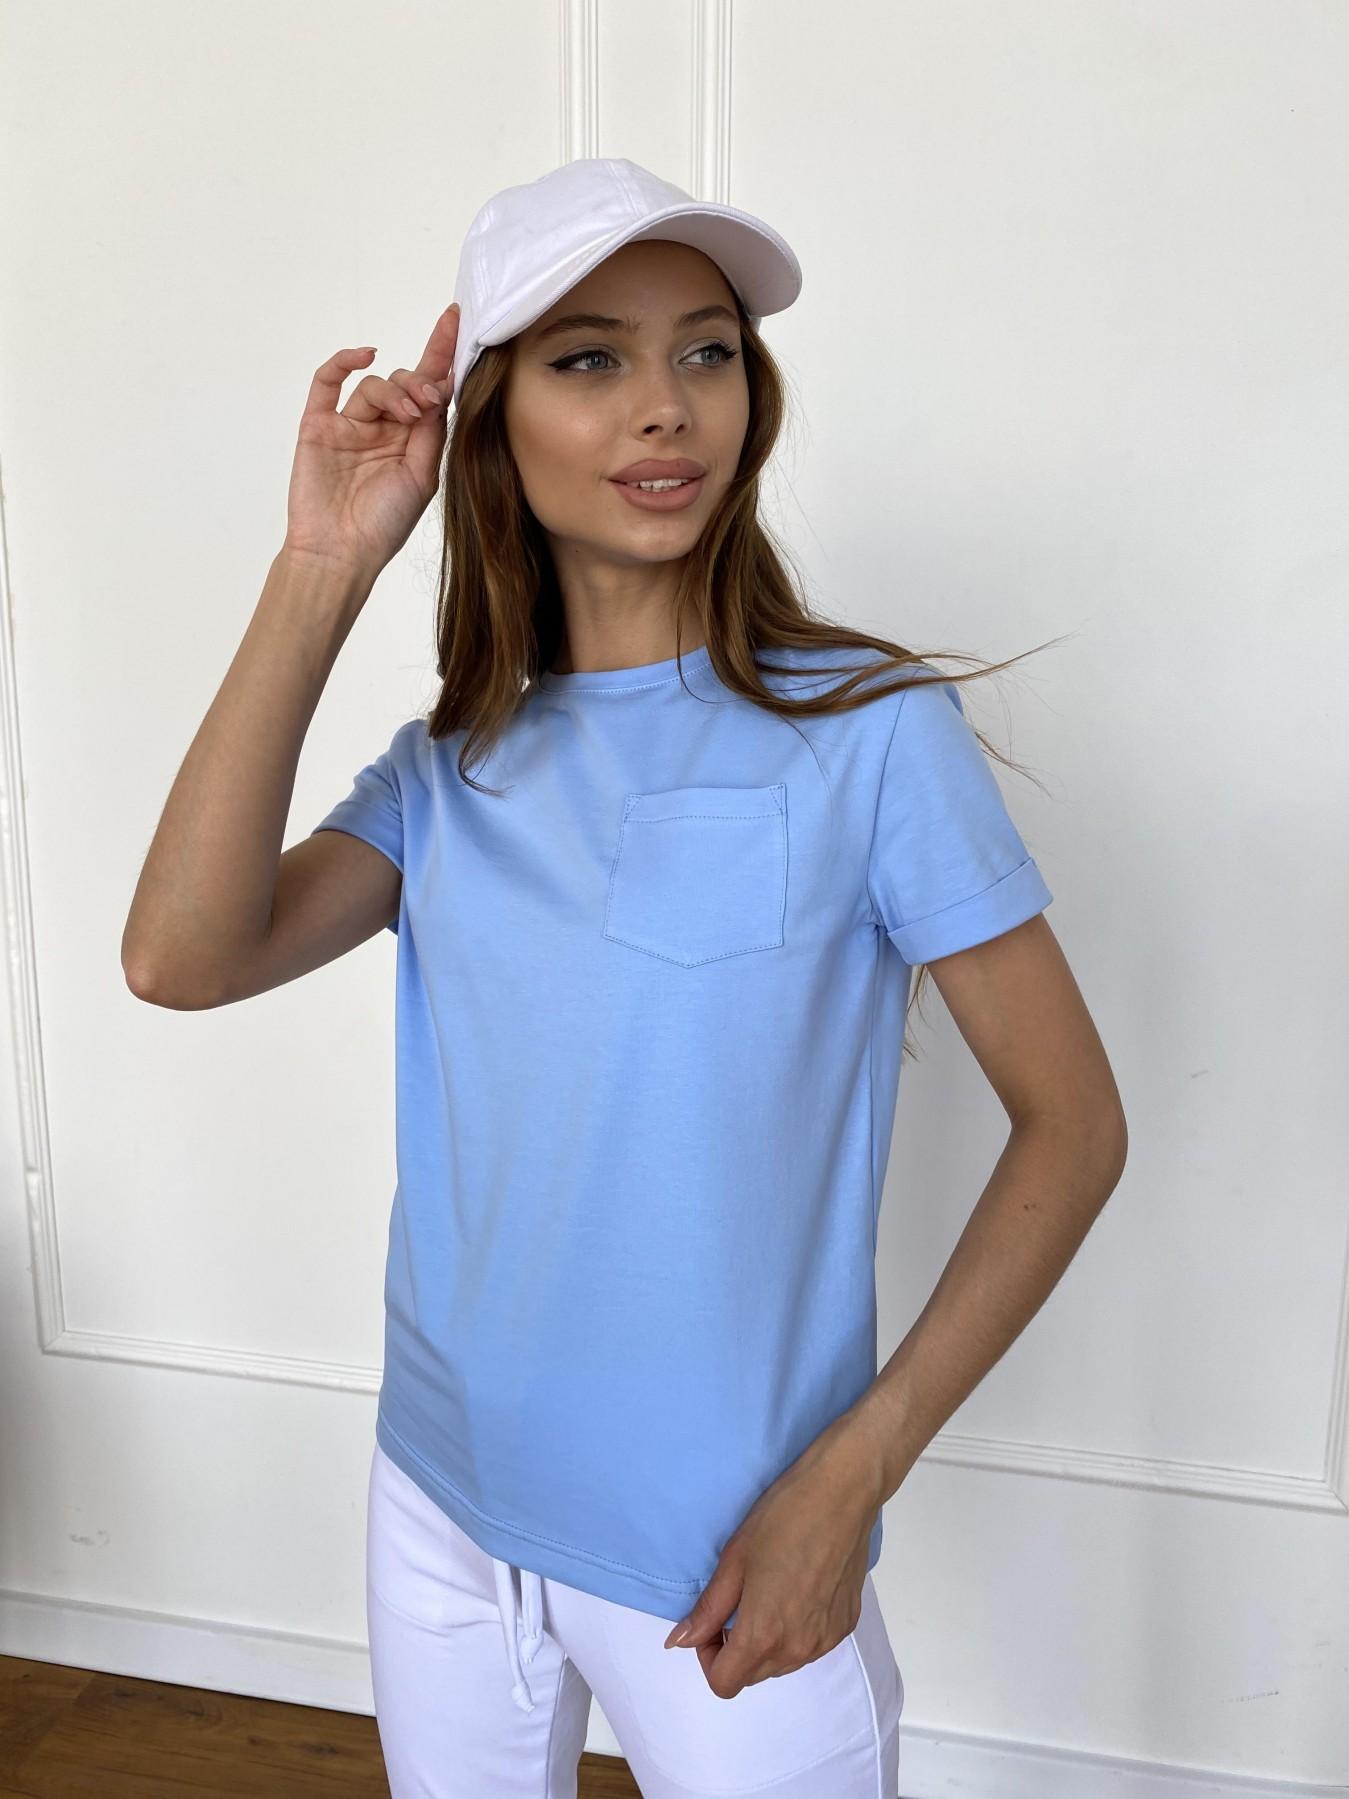 Вуди футболка из вискозы 11224 АРТ. 47878 Цвет: Голубой - фото 2, интернет магазин tm-modus.ru